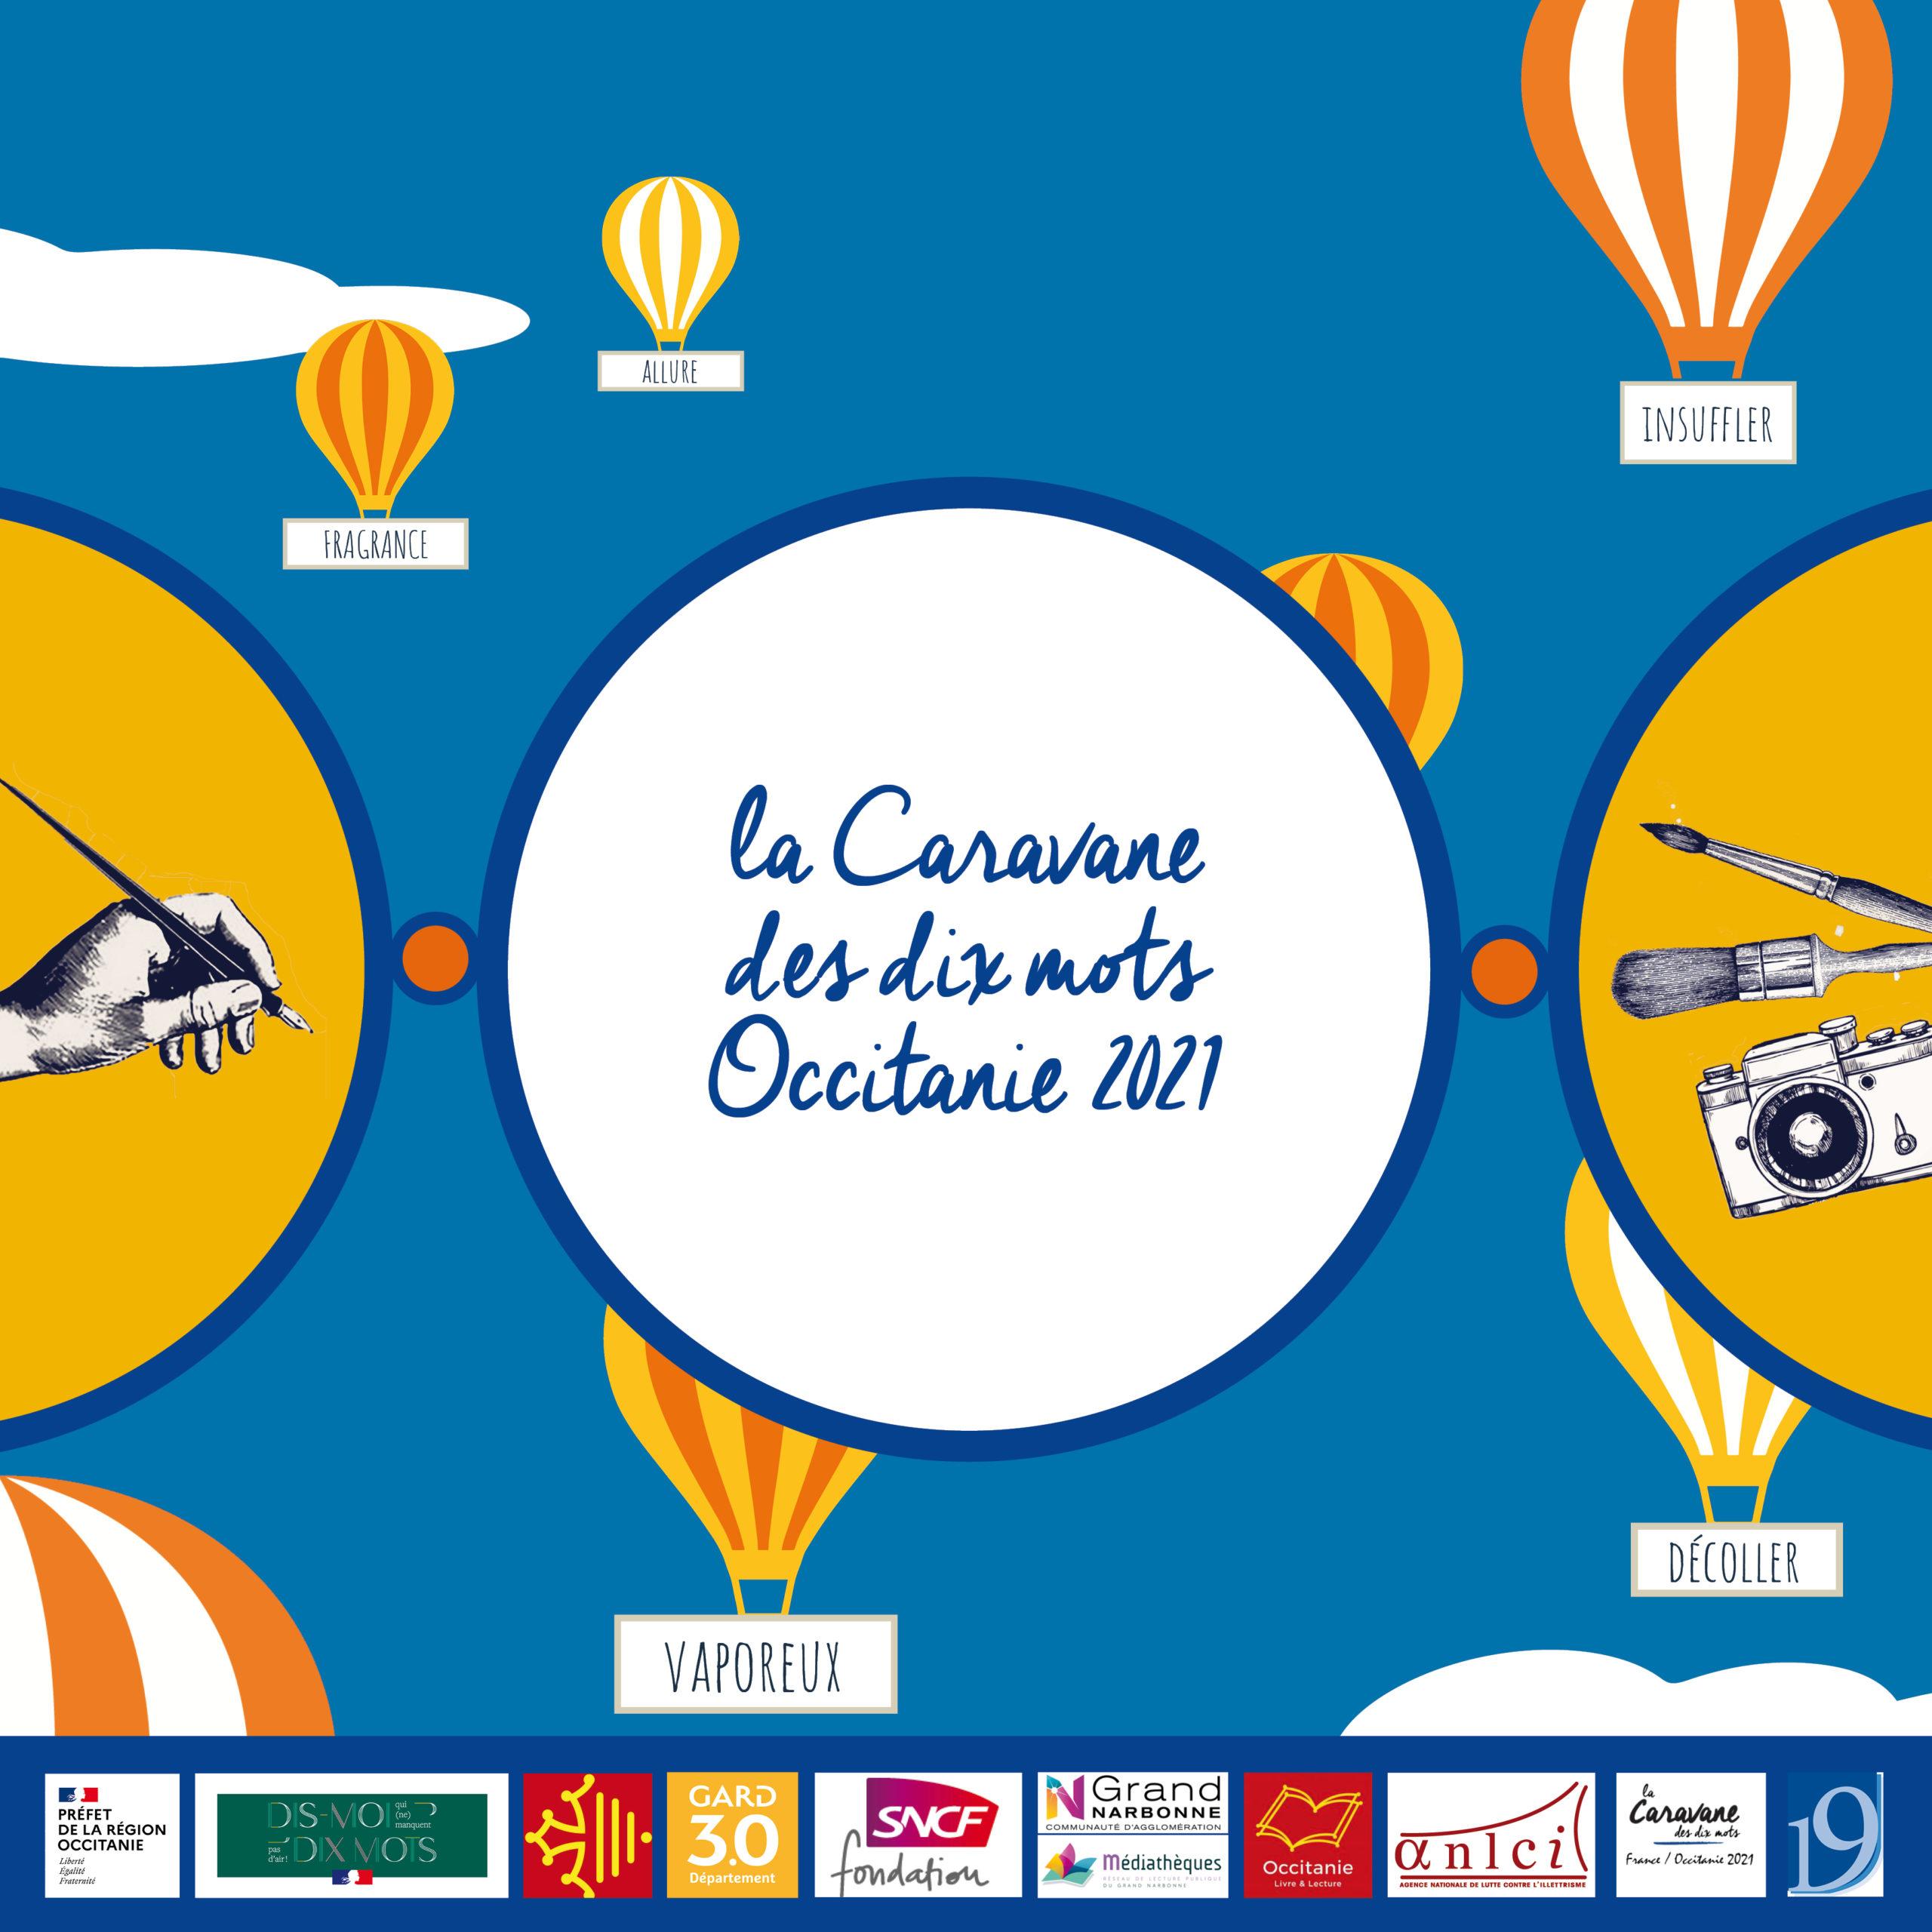 La Caravane des dix mots Occitanie 2021